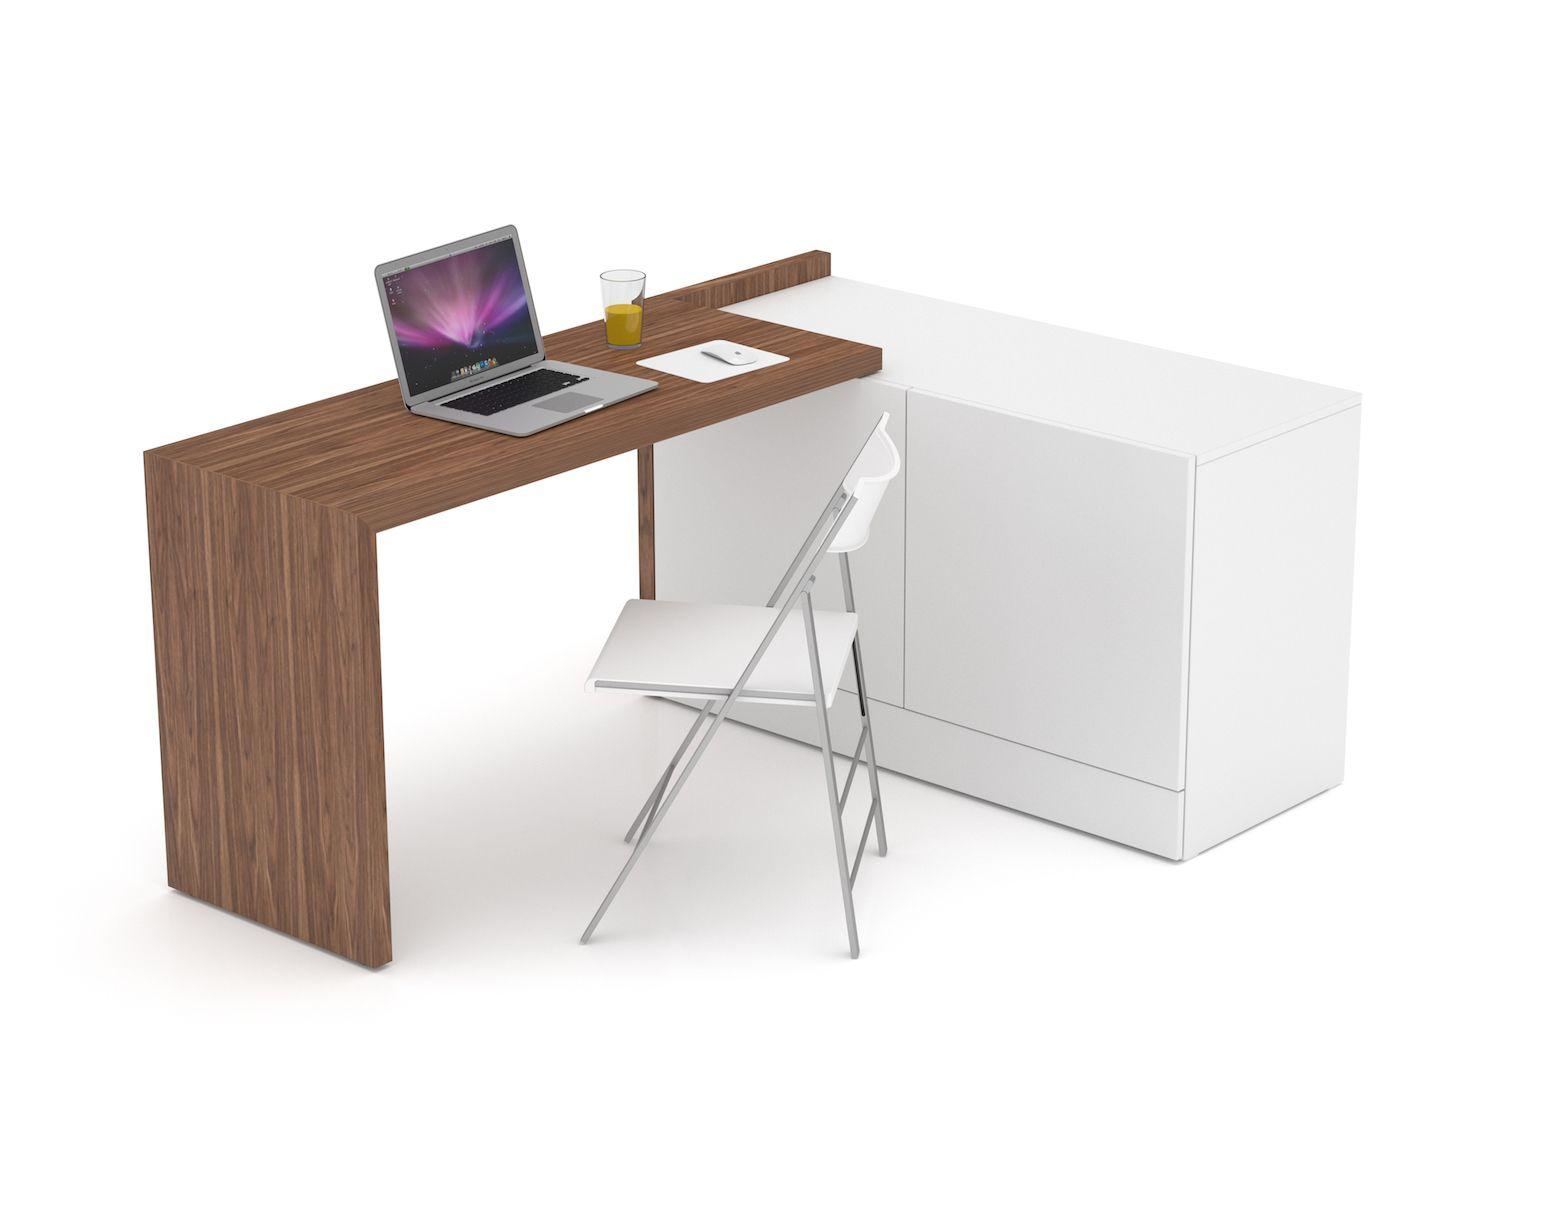 Das 3 In 1 Multifunktionsmobel Schreibtisch Stauraum Mobel Fur